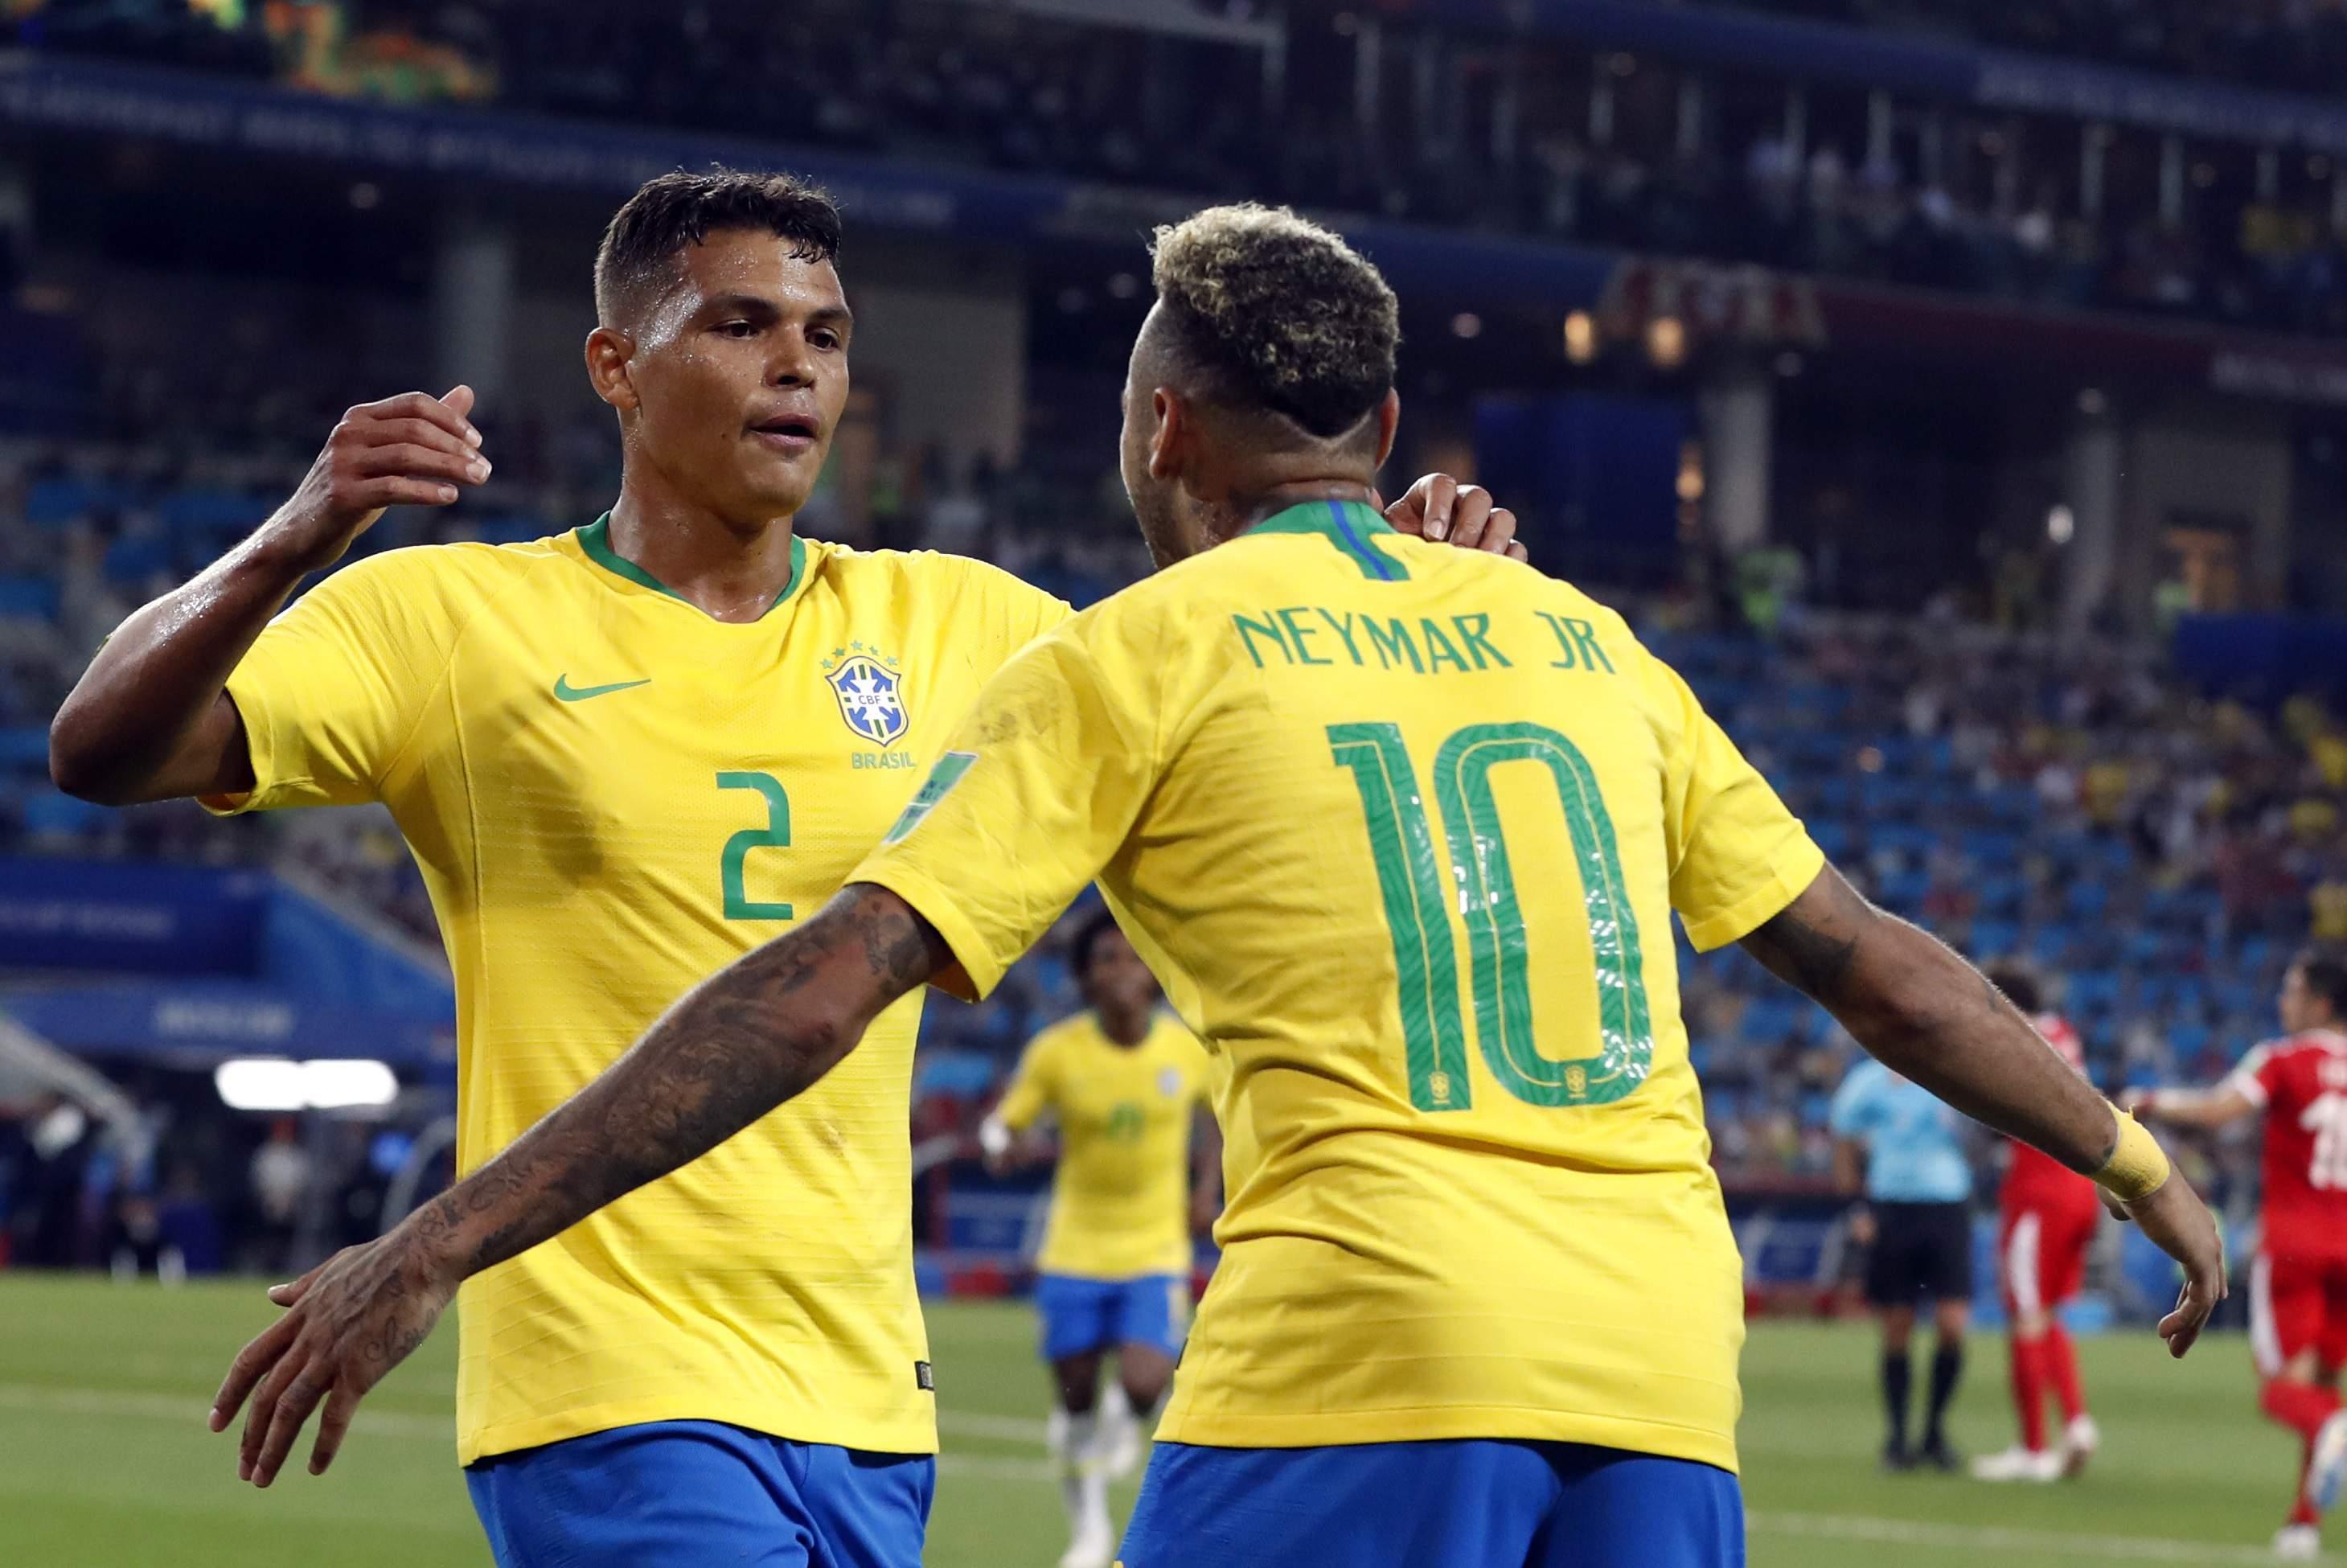 Аргентина - Бразилия: прогноз и ставки на матч ЧМ 2014 по футболу